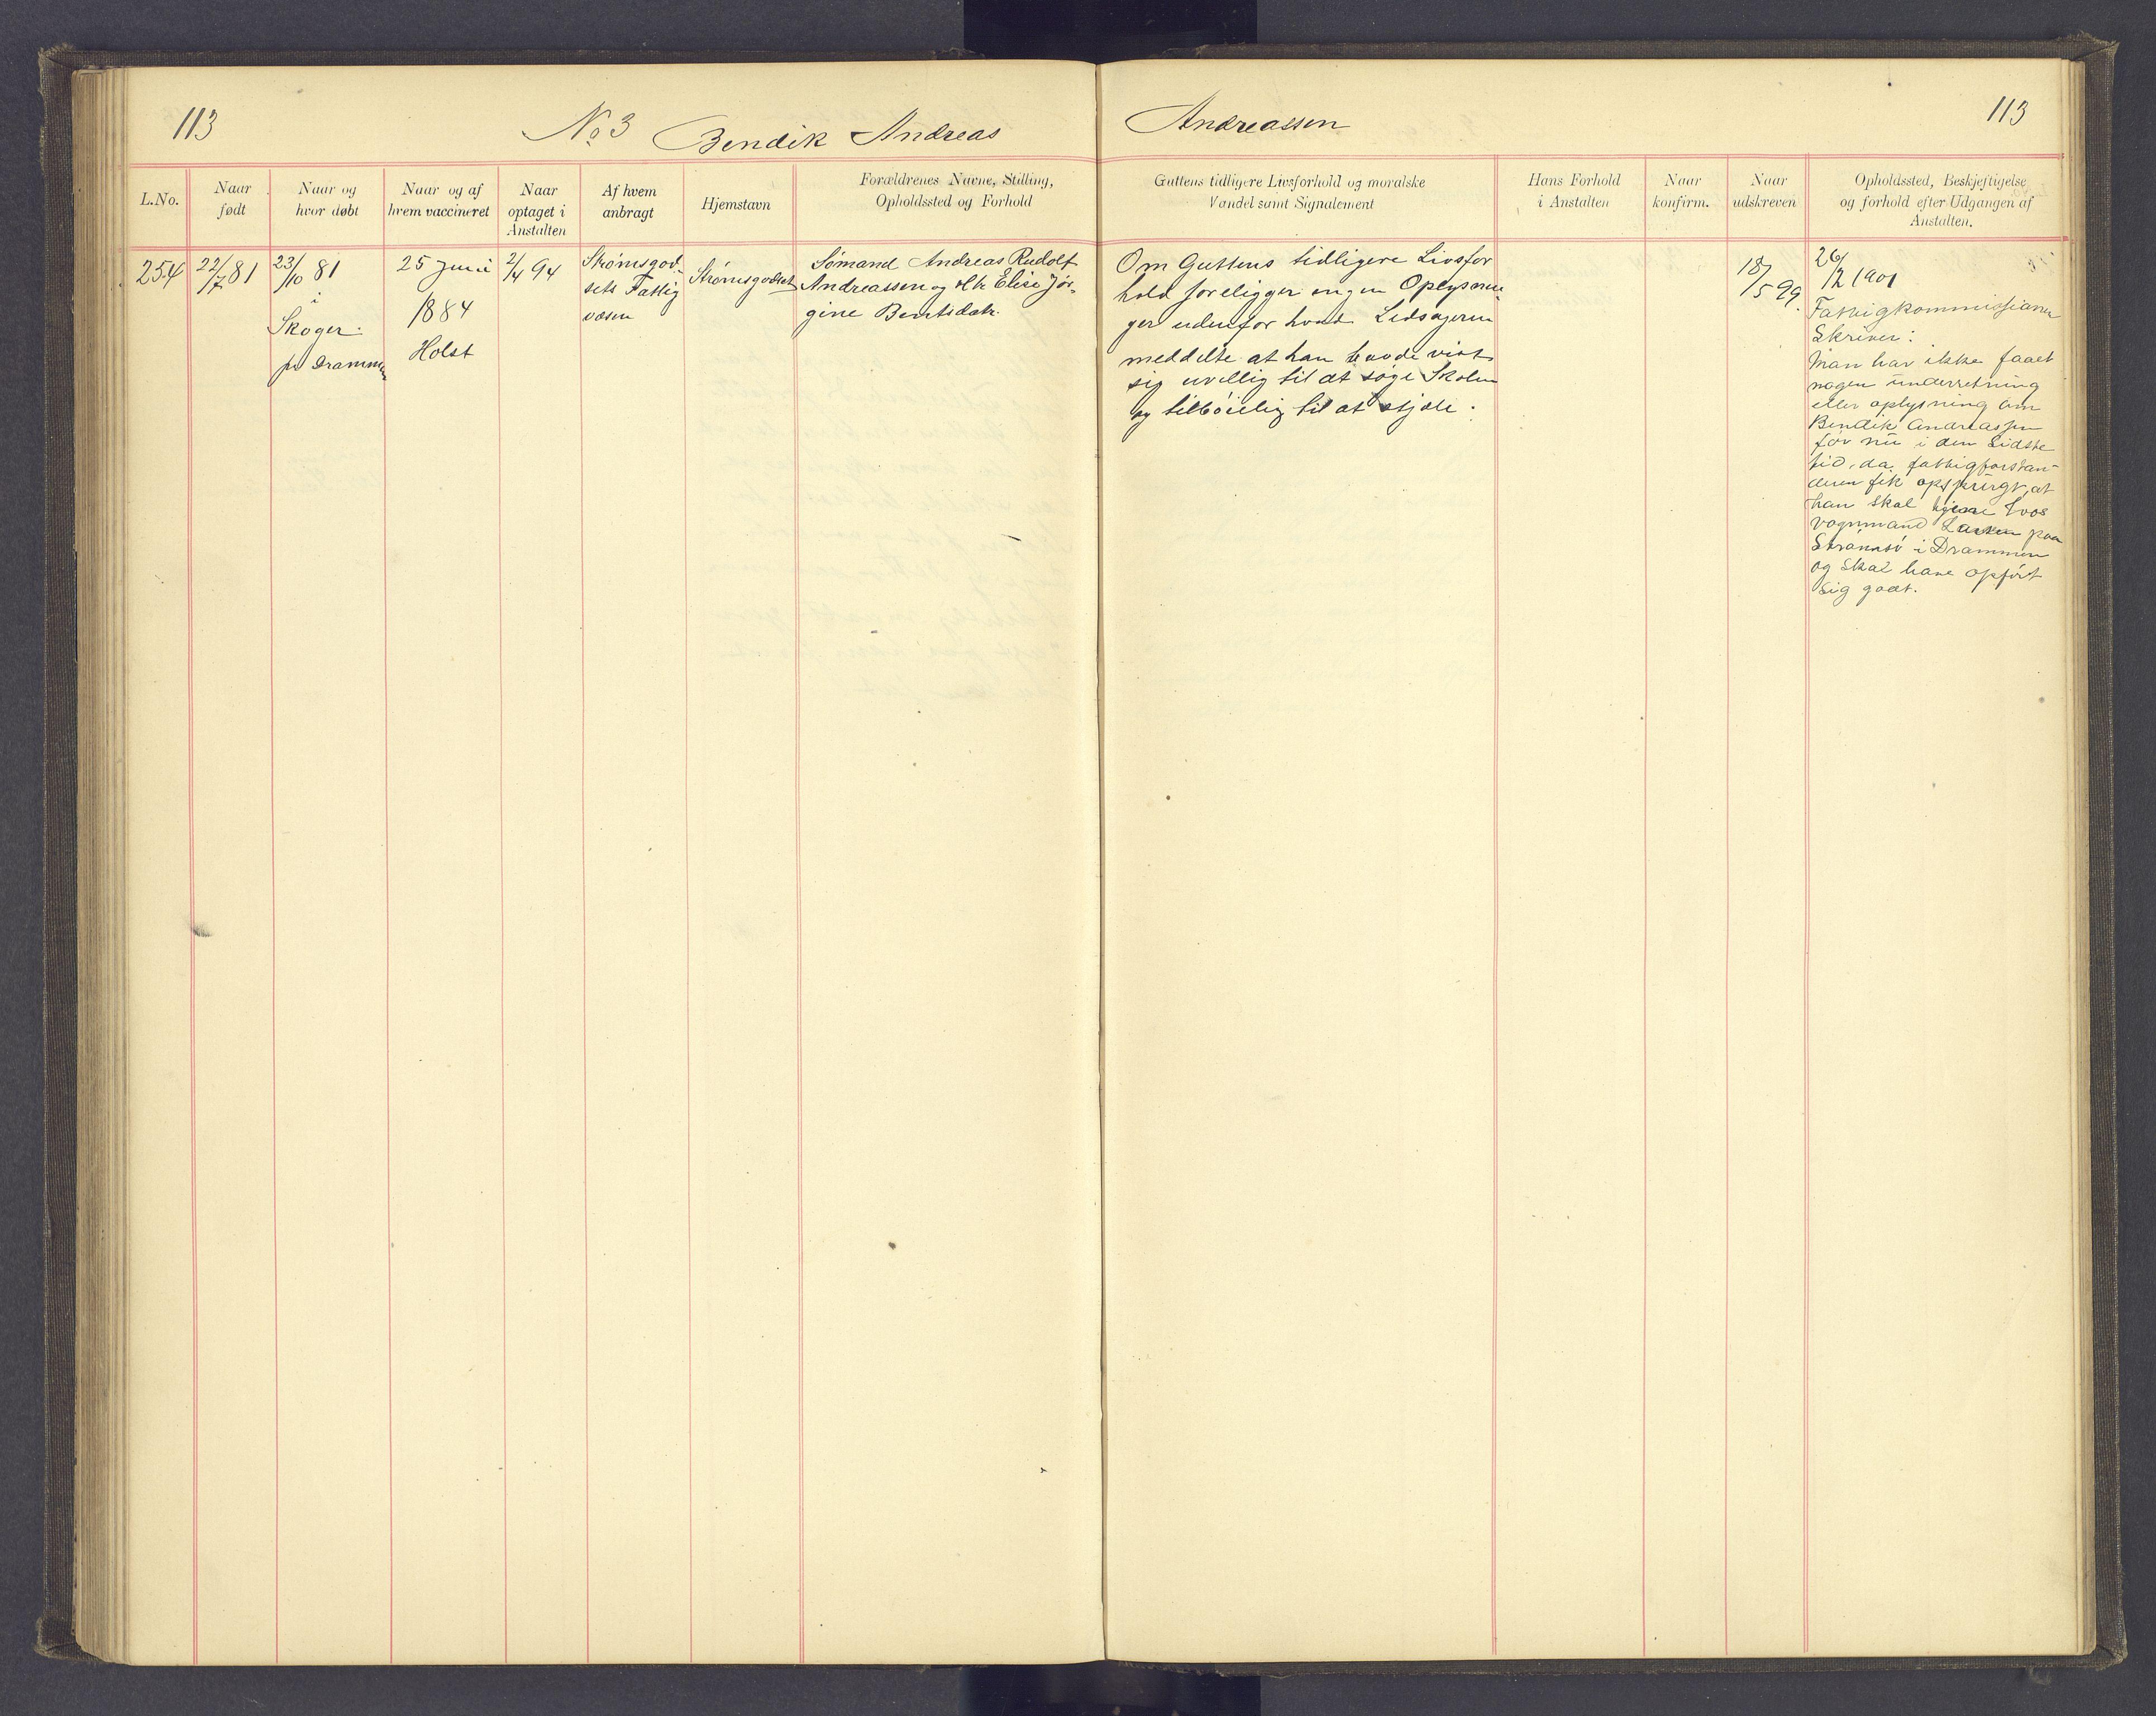 SAH, Toftes Gave, F/Fc/L0004: Elevprotokoll, 1885-1897, s. 113